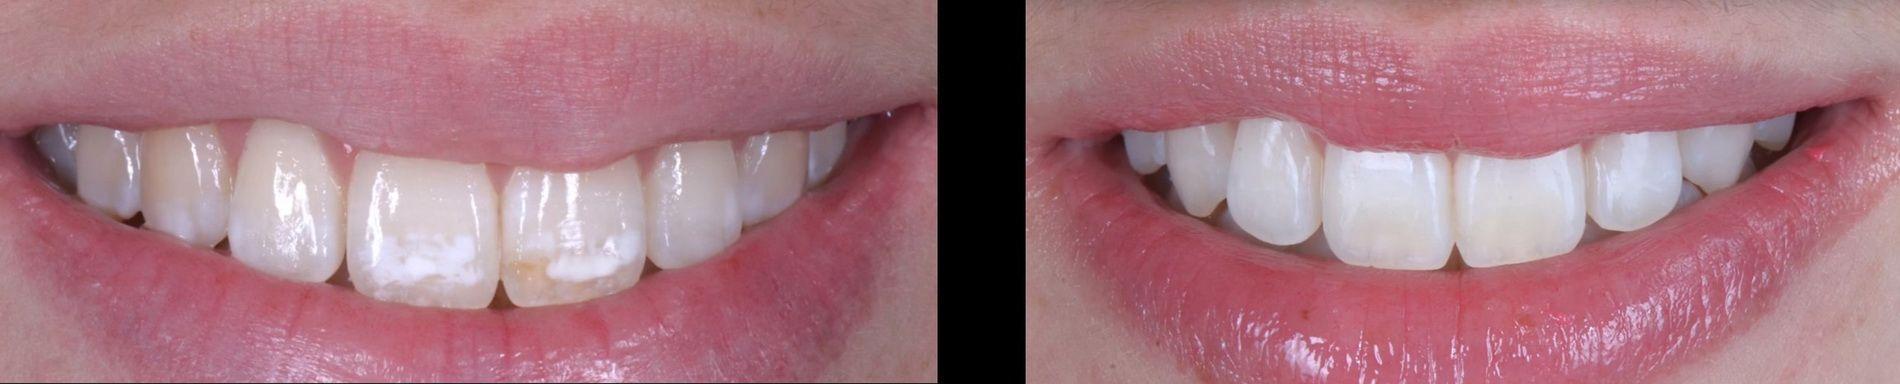 Els sistemes de microerosió-infiltració com Icon® o Opalustre® permeten eliminar o dissimular molt l'efecte antiestètic d'aquestes taques sense necessitat d'utilitzar turbines ni materials de recobriment, ni carilles. Clínica dental Padrós, dentista a Barcelona